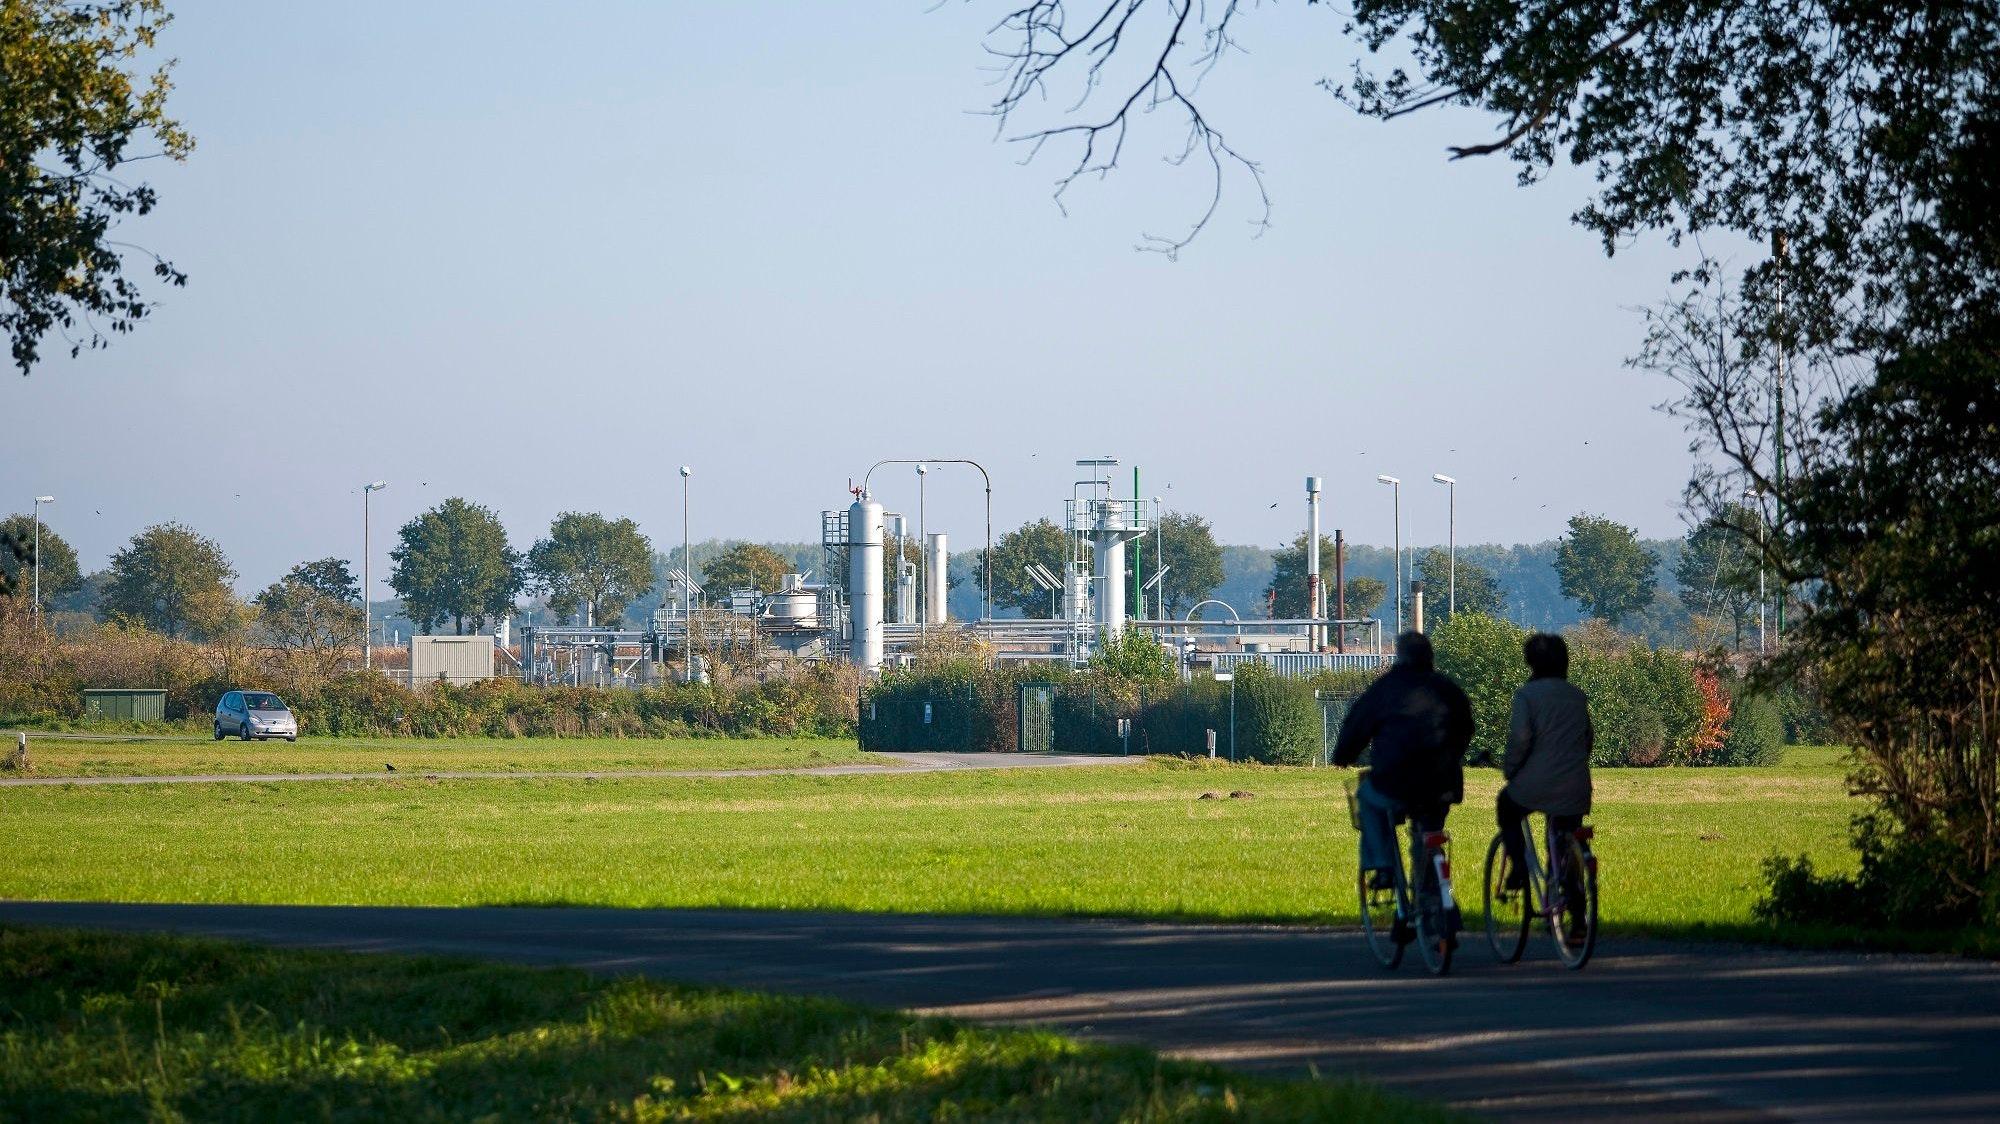 Prägen das Landschaftsbild: Erdgasförderstellen gibt es viele in Südoldenburg. Foto: ExxonMobil